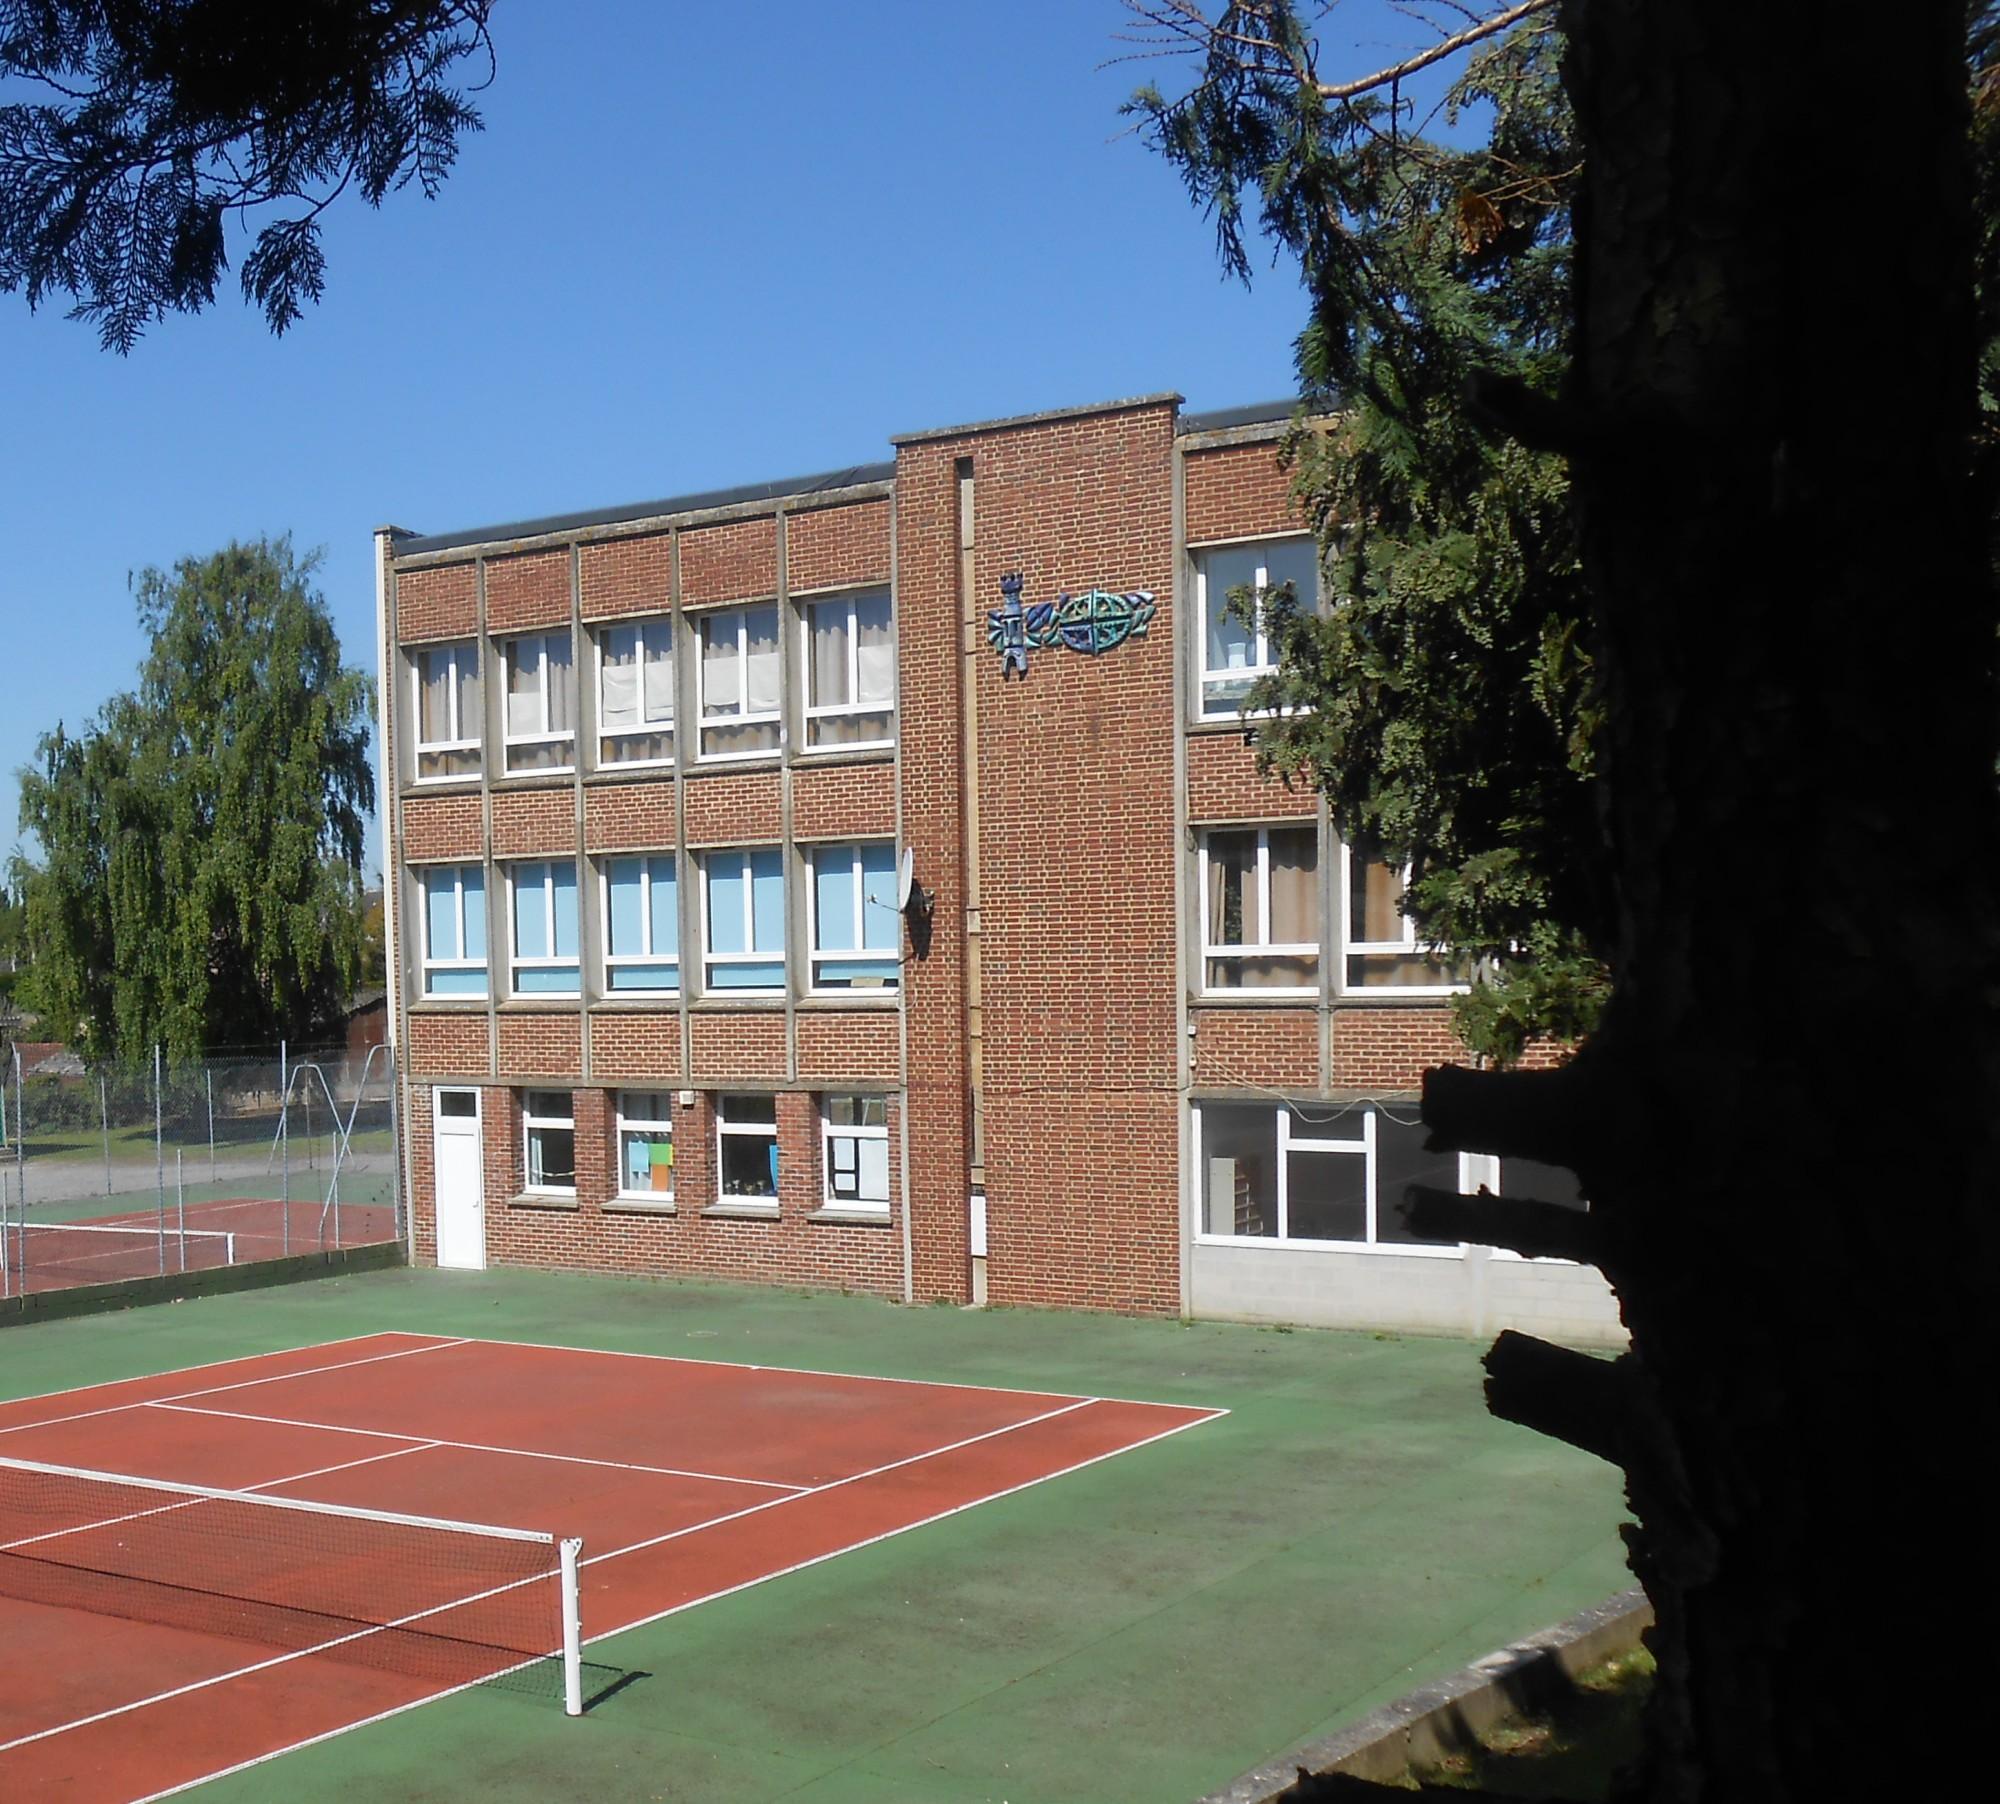 Ecole Gaston Bricout de Walincourt-Selvigny